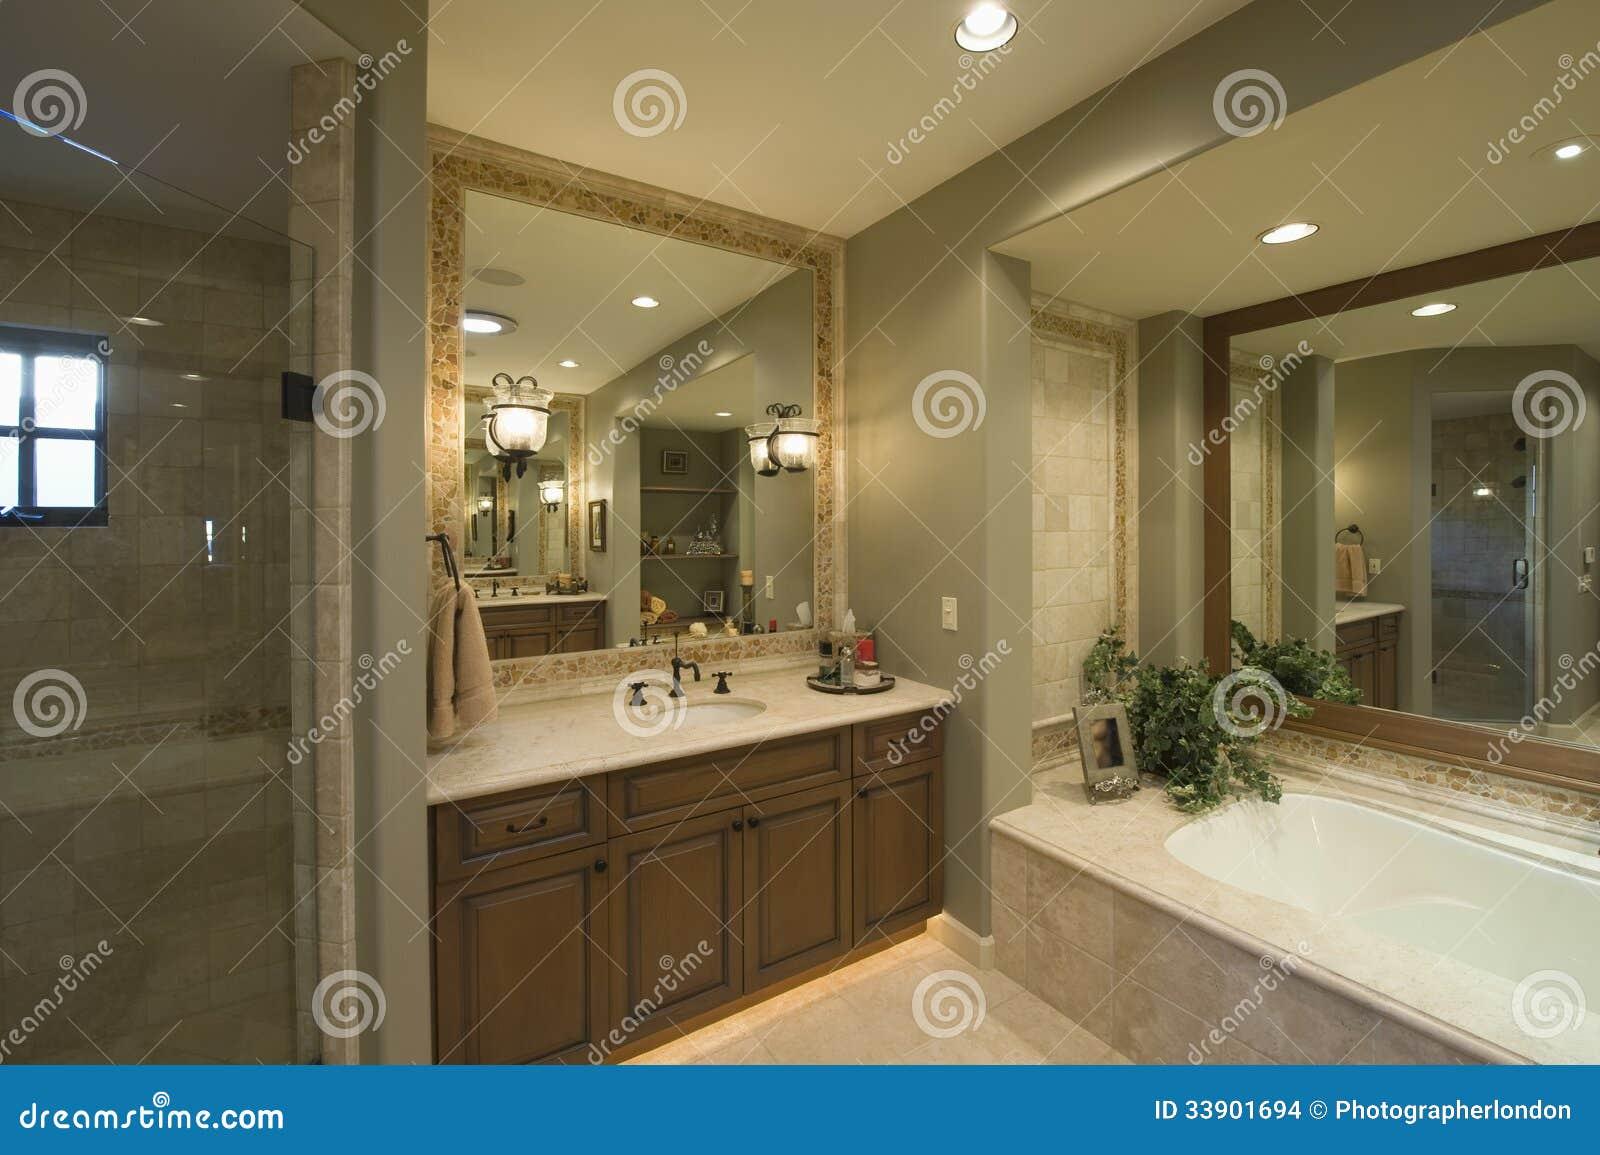 Espelho Quadrado Na Bacia Pela Banheira No Banheiro Imagens de Stock  Imagem -> Banheiro Quadrado Banheira